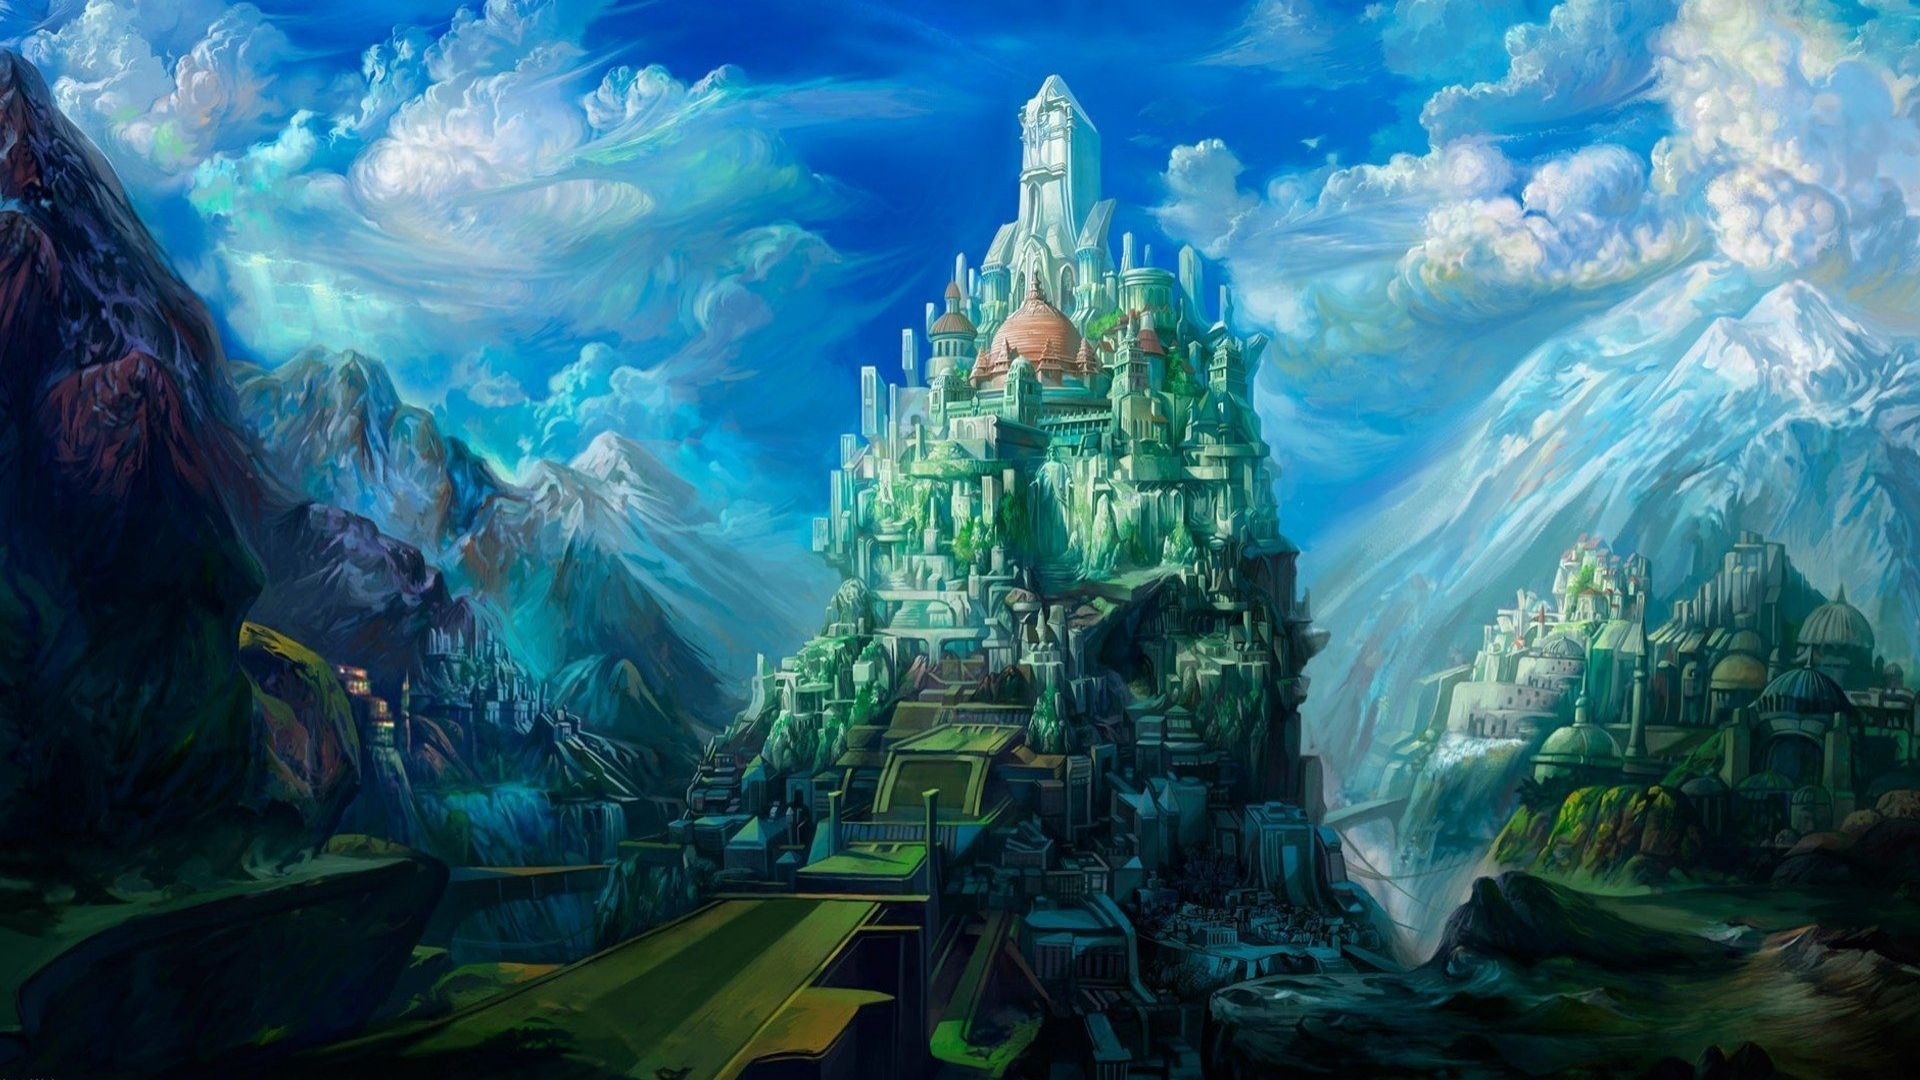 Drawn wallpaper castle 1920x1080 47783 3D Art Landscape: